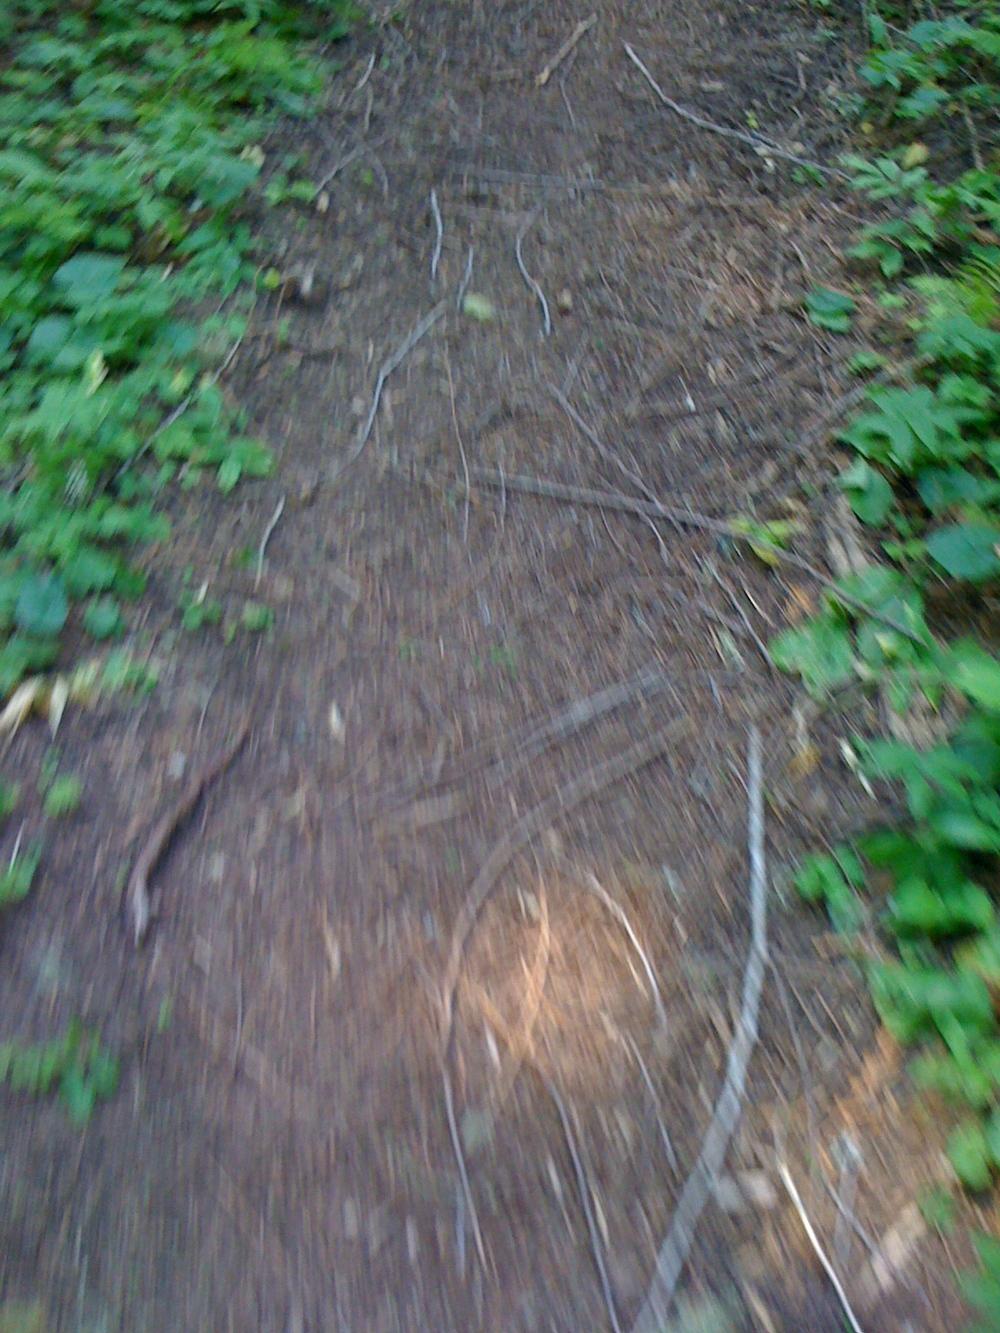 Hobo Cedar Grove Botanical Area. Idaho. 2 August 2009.